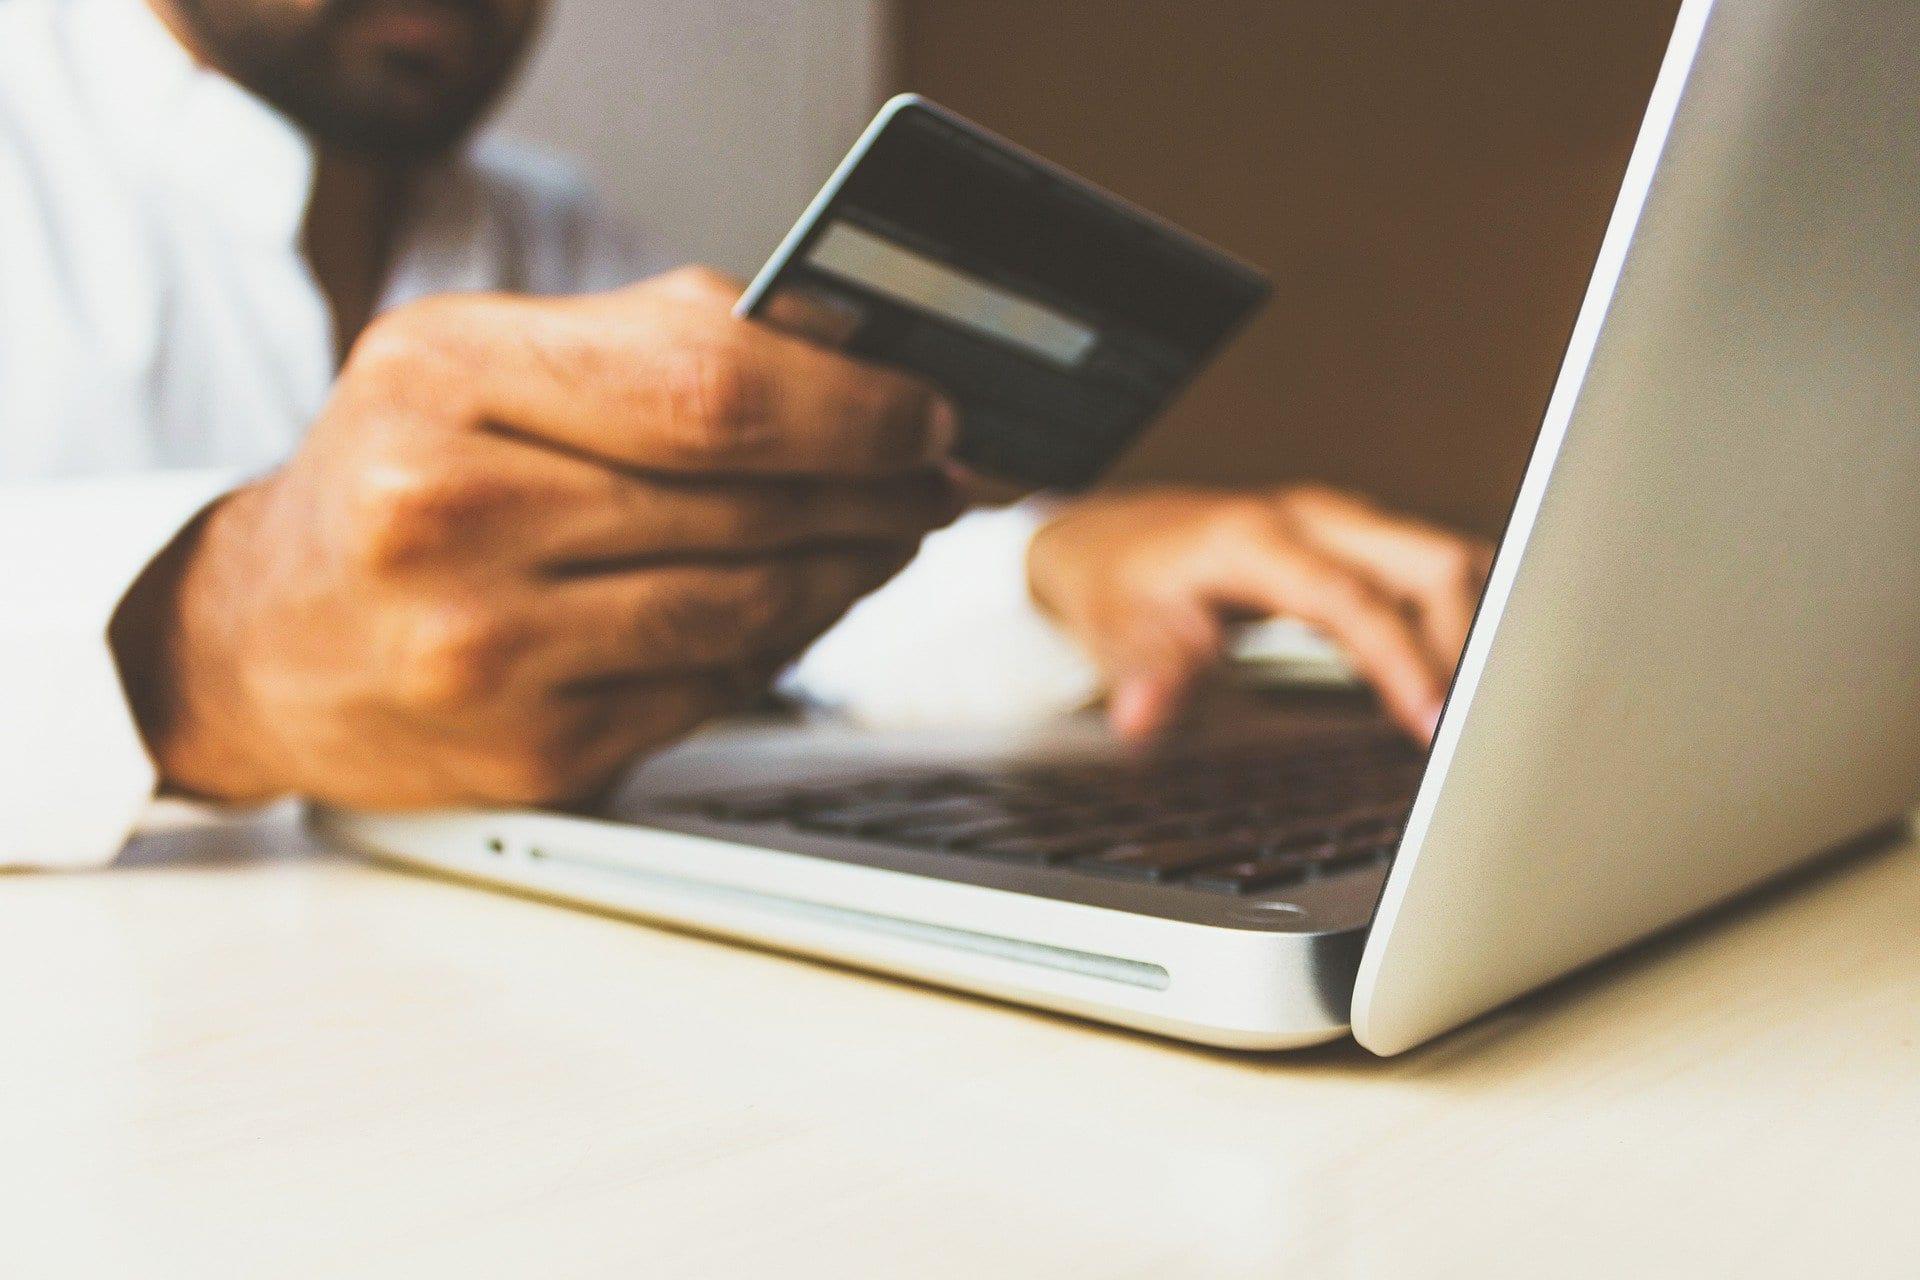 ¿Por qué reclaman los usuarios de la banca ante su entidad financiera?